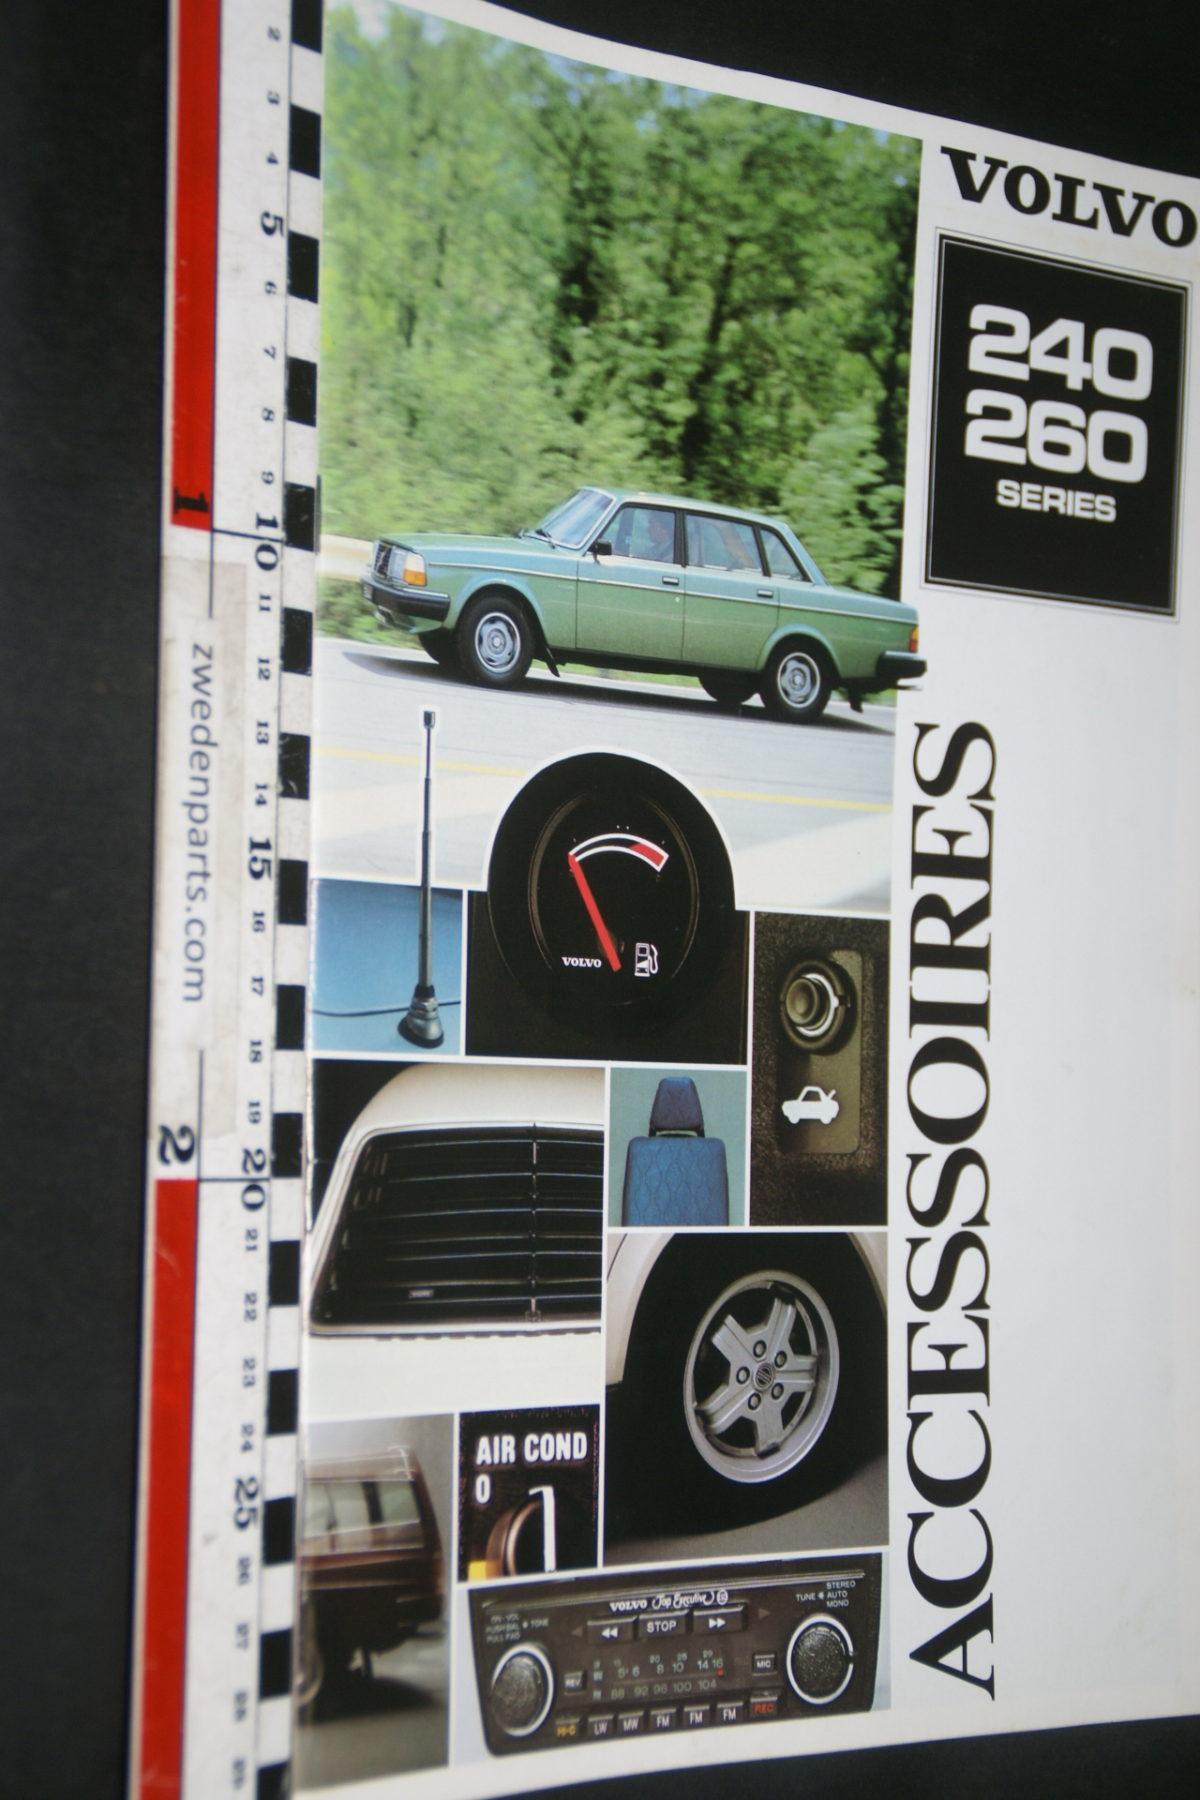 DSC07944 1980 brochure Volvo 240 260 accessoires nr RSP 36349